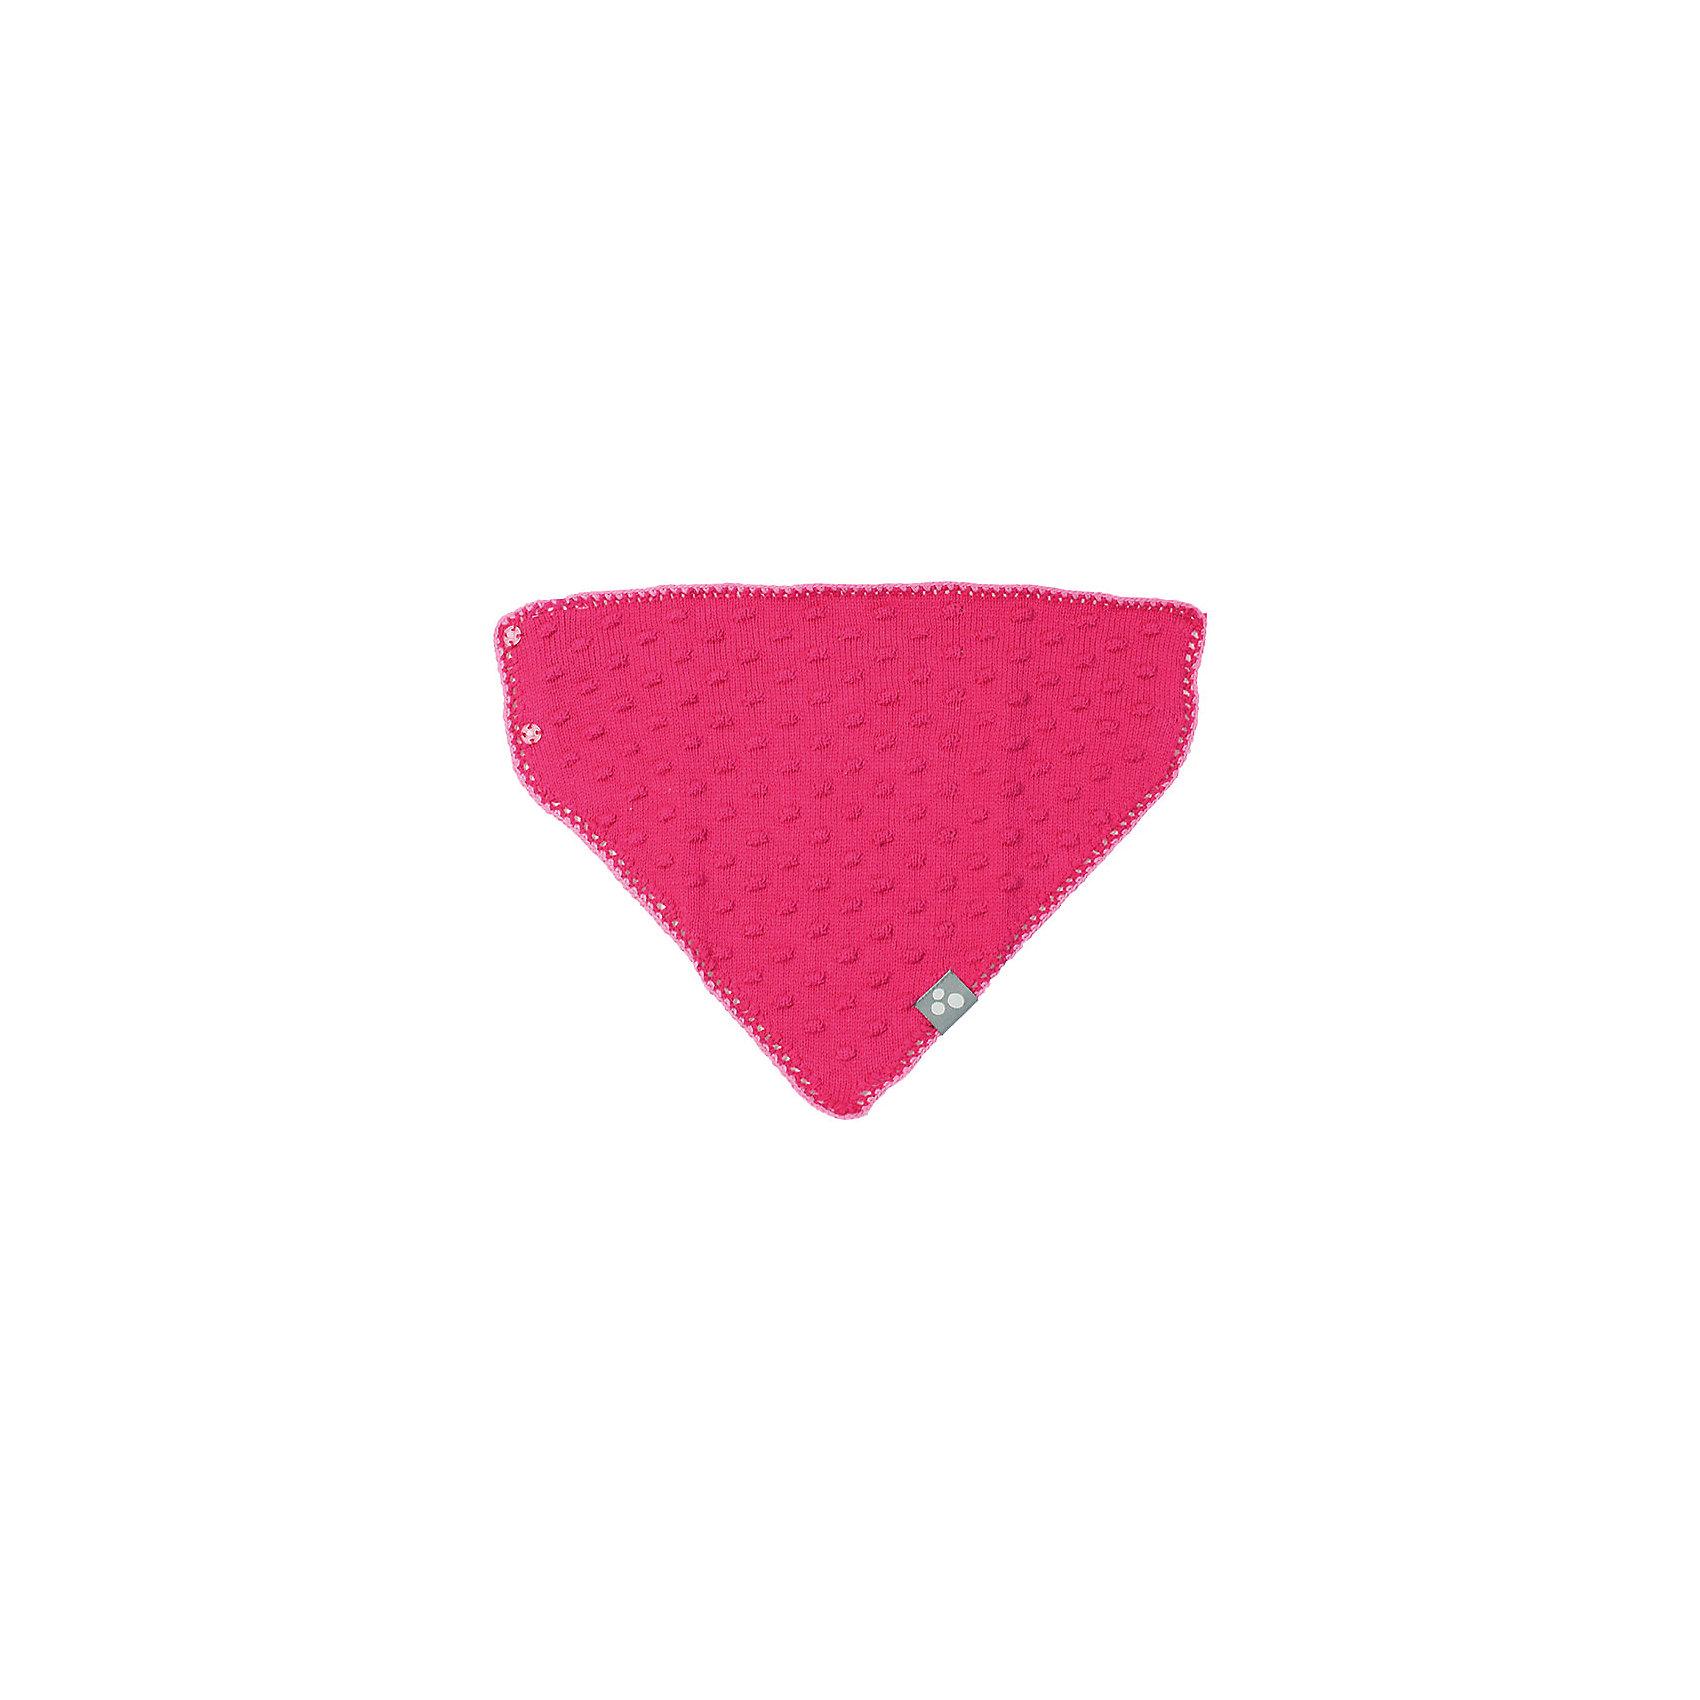 Манишка LENNA для девочки HuppaШарфы, платки<br>Характеристики товара:<br><br>• цвет: фуксия<br>• ткань: флис - 50% хлопок, 50% акрил<br>• температурный режим: от -5°С до +10°С<br>• застёгивается на кнопки<br>• демисезонная<br>• логотип<br>• комфортная посадка<br>• мягкий материал<br>• коллекция: весна-лето 2017<br>• страна бренда: Эстония<br><br>Эта манишка обеспечит детям тепло и комфорт. Она сделана из приятного на ощупь мягкого материала. Манишка очень симпатично смотрится, а дизайн и расцветка позволяют сочетать её с различной одеждой. Модель была разработана специально для детей.<br><br>Одежда и обувь от популярного эстонского бренда Huppa - отличный вариант одеть ребенка можно и комфортно. Вещи, выпускаемые компанией, качественные, продуманные и очень удобные. Для производства изделий используются только безопасные для детей материалы. Продукция от Huppa порадует и детей, и их родителей!<br><br>Манишку LENNA  от бренда Huppa (Хуппа) можно купить в нашем интернет-магазине.<br><br>Ширина мм: 88<br>Глубина мм: 155<br>Высота мм: 26<br>Вес г: 106<br>Цвет: розовый<br>Возраст от месяцев: 24<br>Возраст до месяцев: 120<br>Пол: Женский<br>Возраст: Детский<br>Размер: one size<br>SKU: 5347594